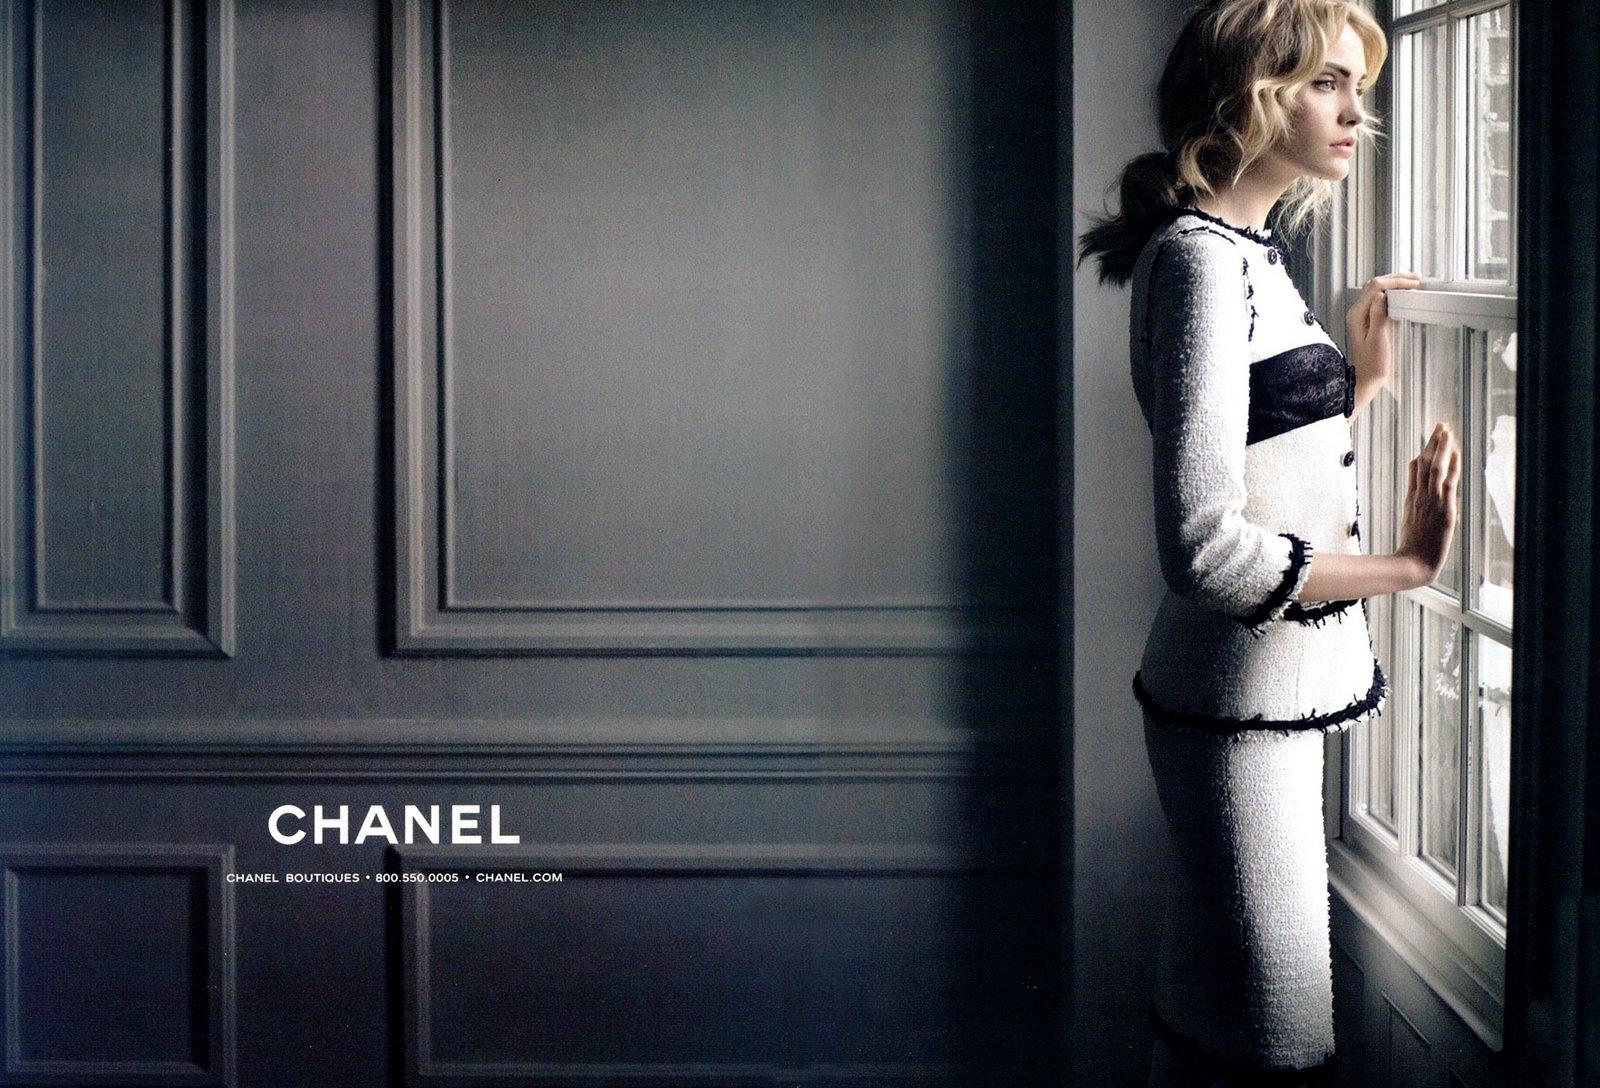 Las 10 marcas de ropa más caras del mundo